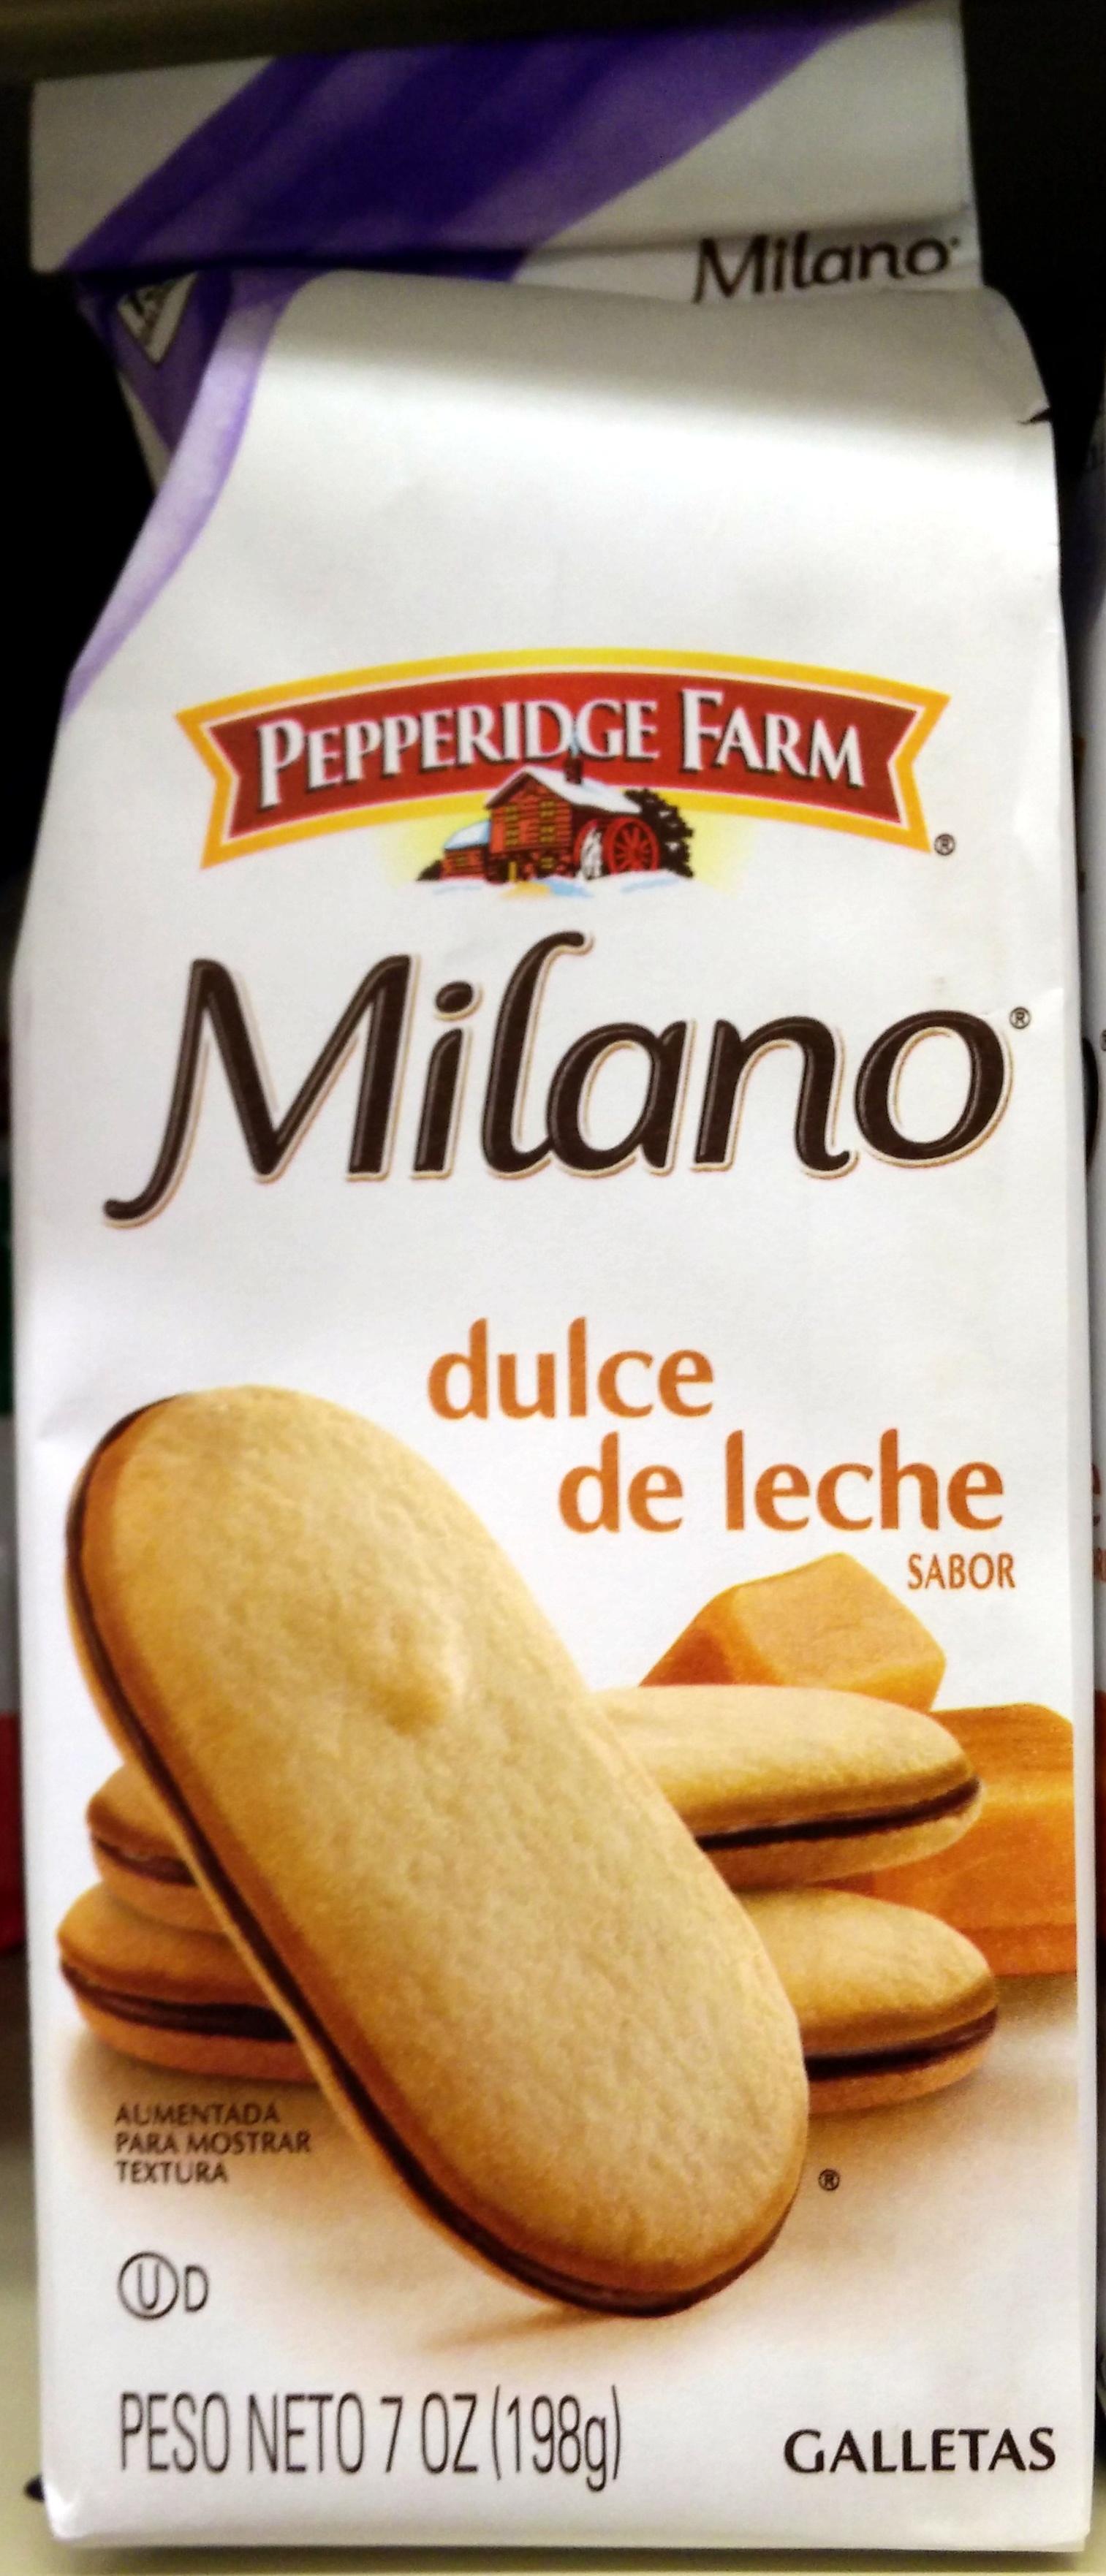 Pepperidge farm cookies dulce de leche - Product - en